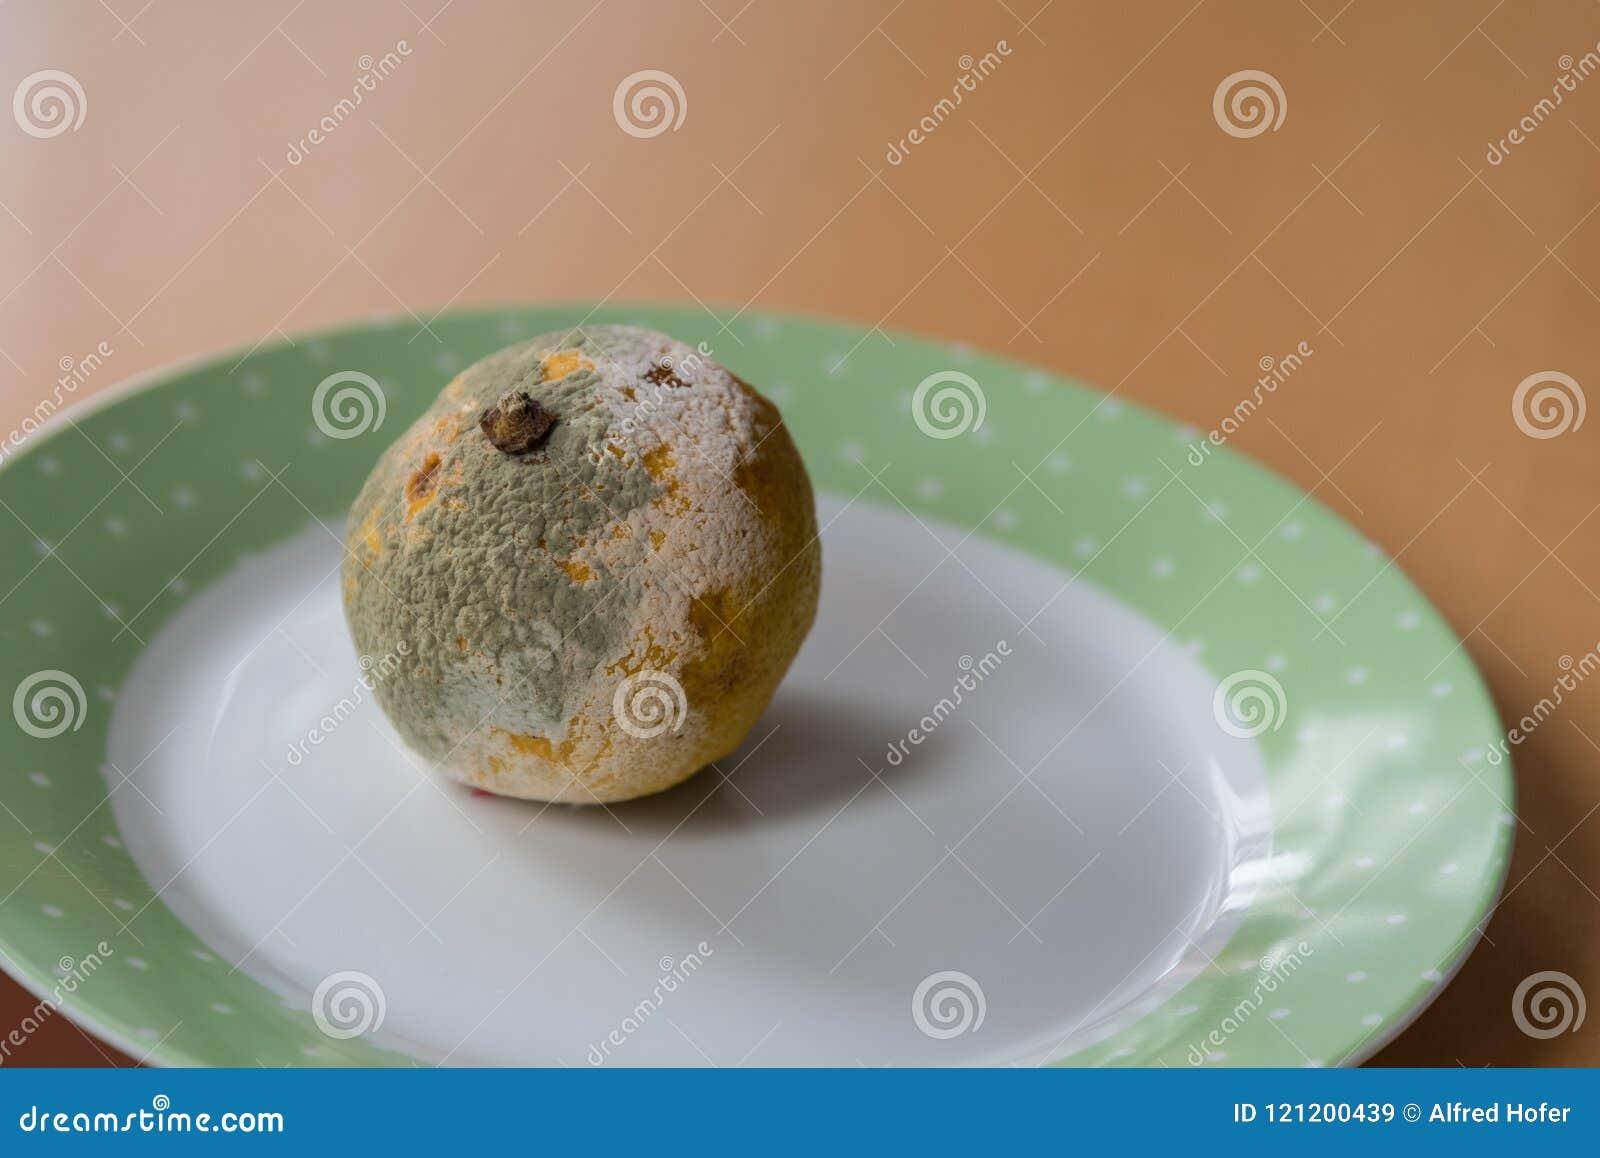 Limão mofado - molde no alimento